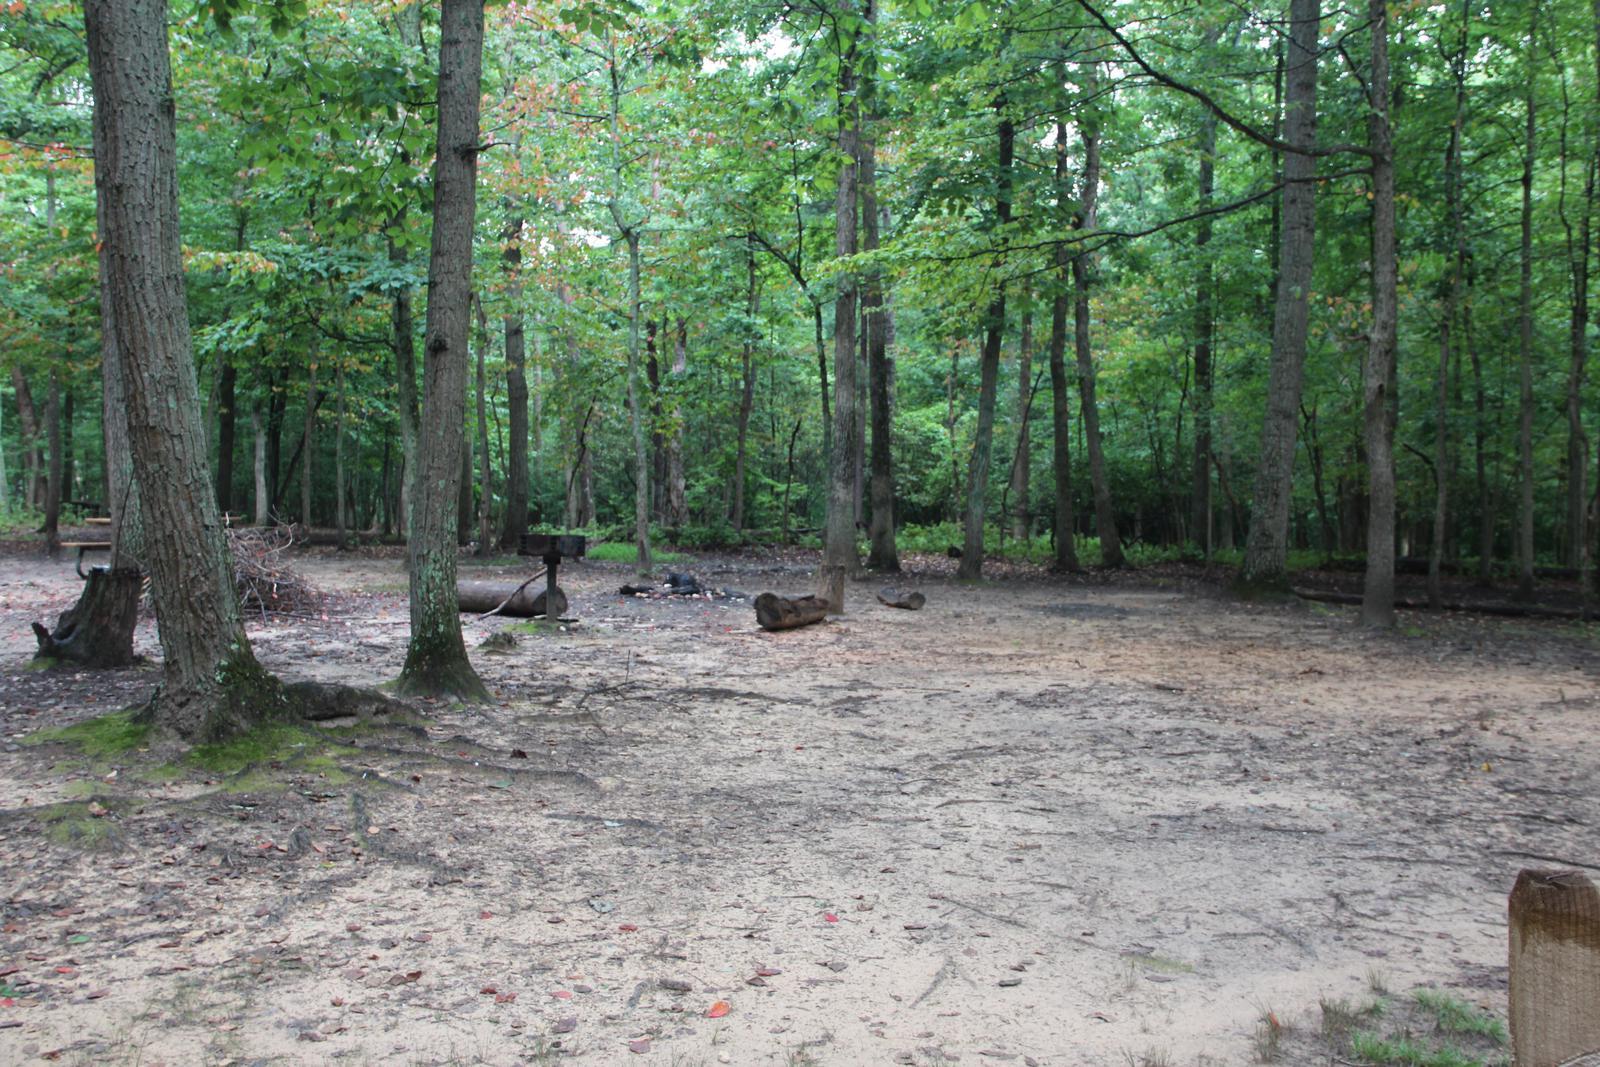 Greenbelt Park Campground Site 012